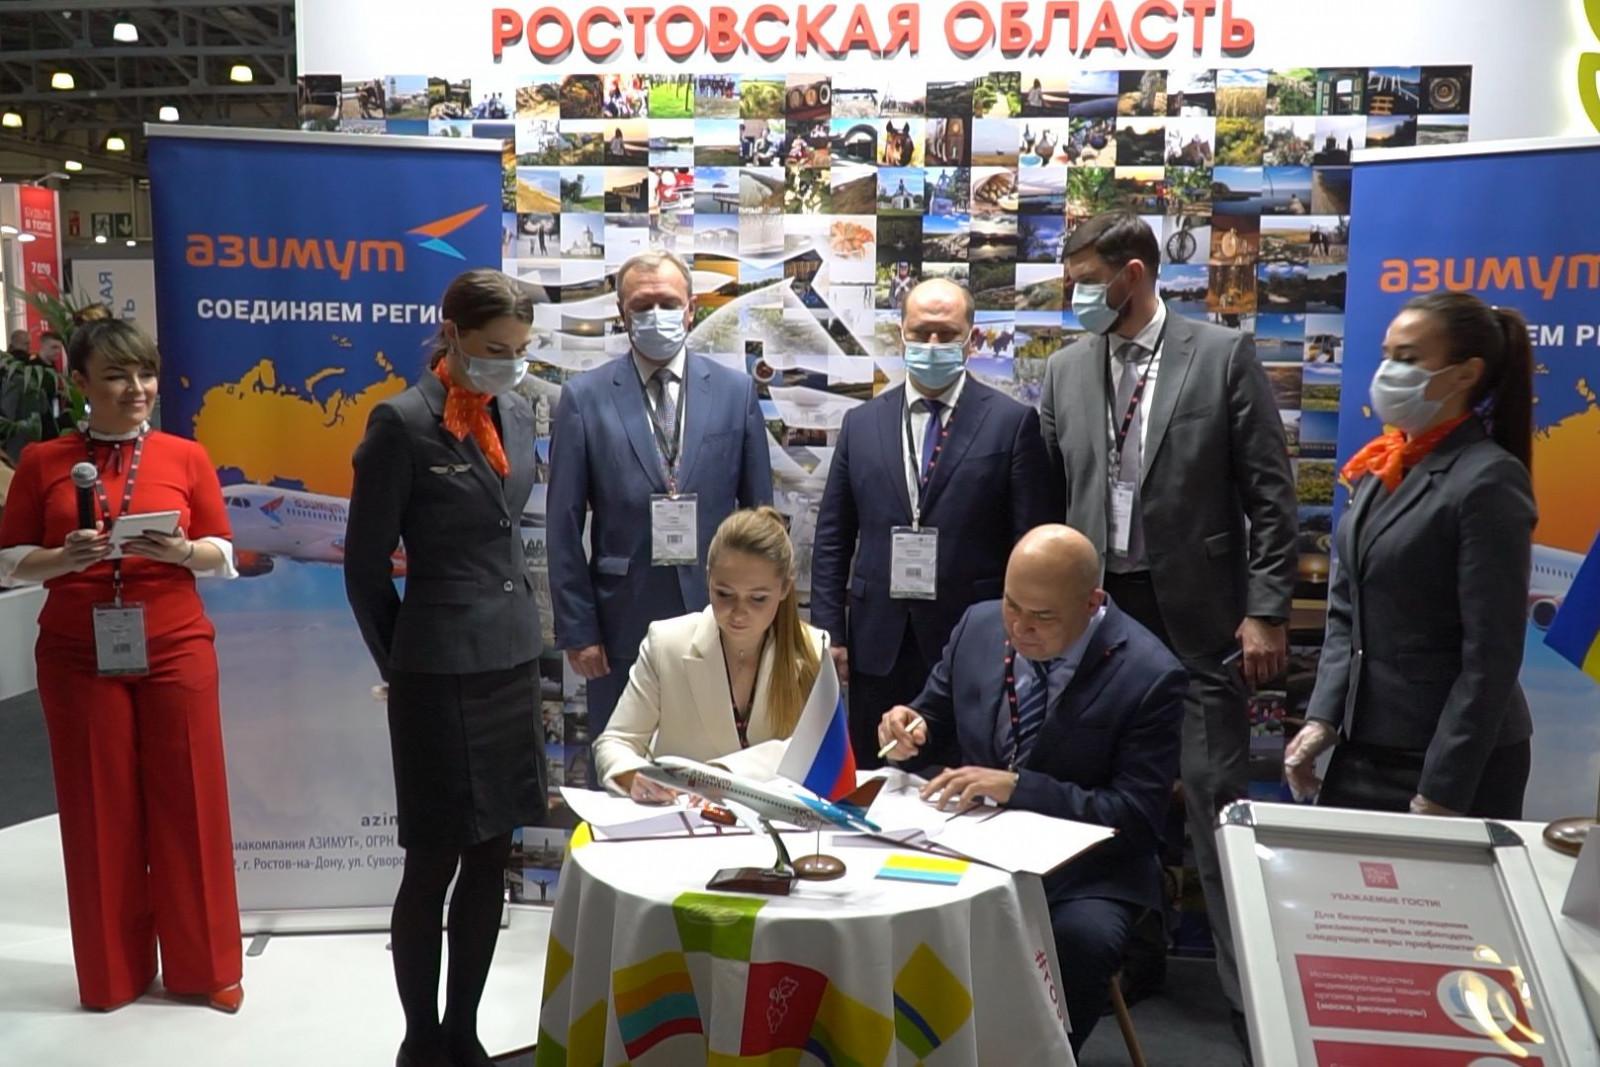 Ростовская область расширяет географию авиасообщения с регионами России